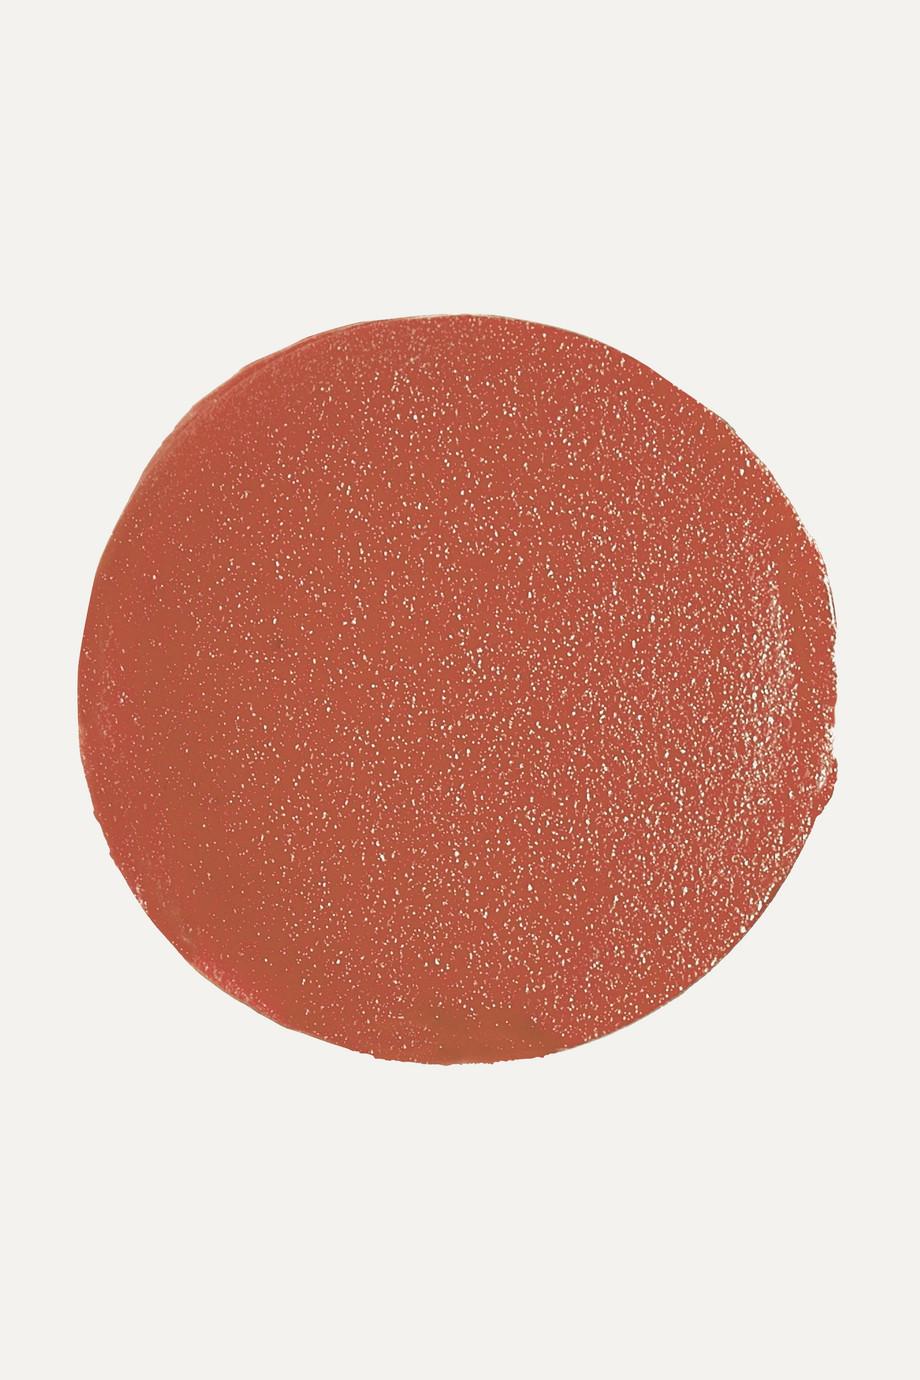 Gucci Beauty Rouge à Lèvres Voile - Katrin Sand 206